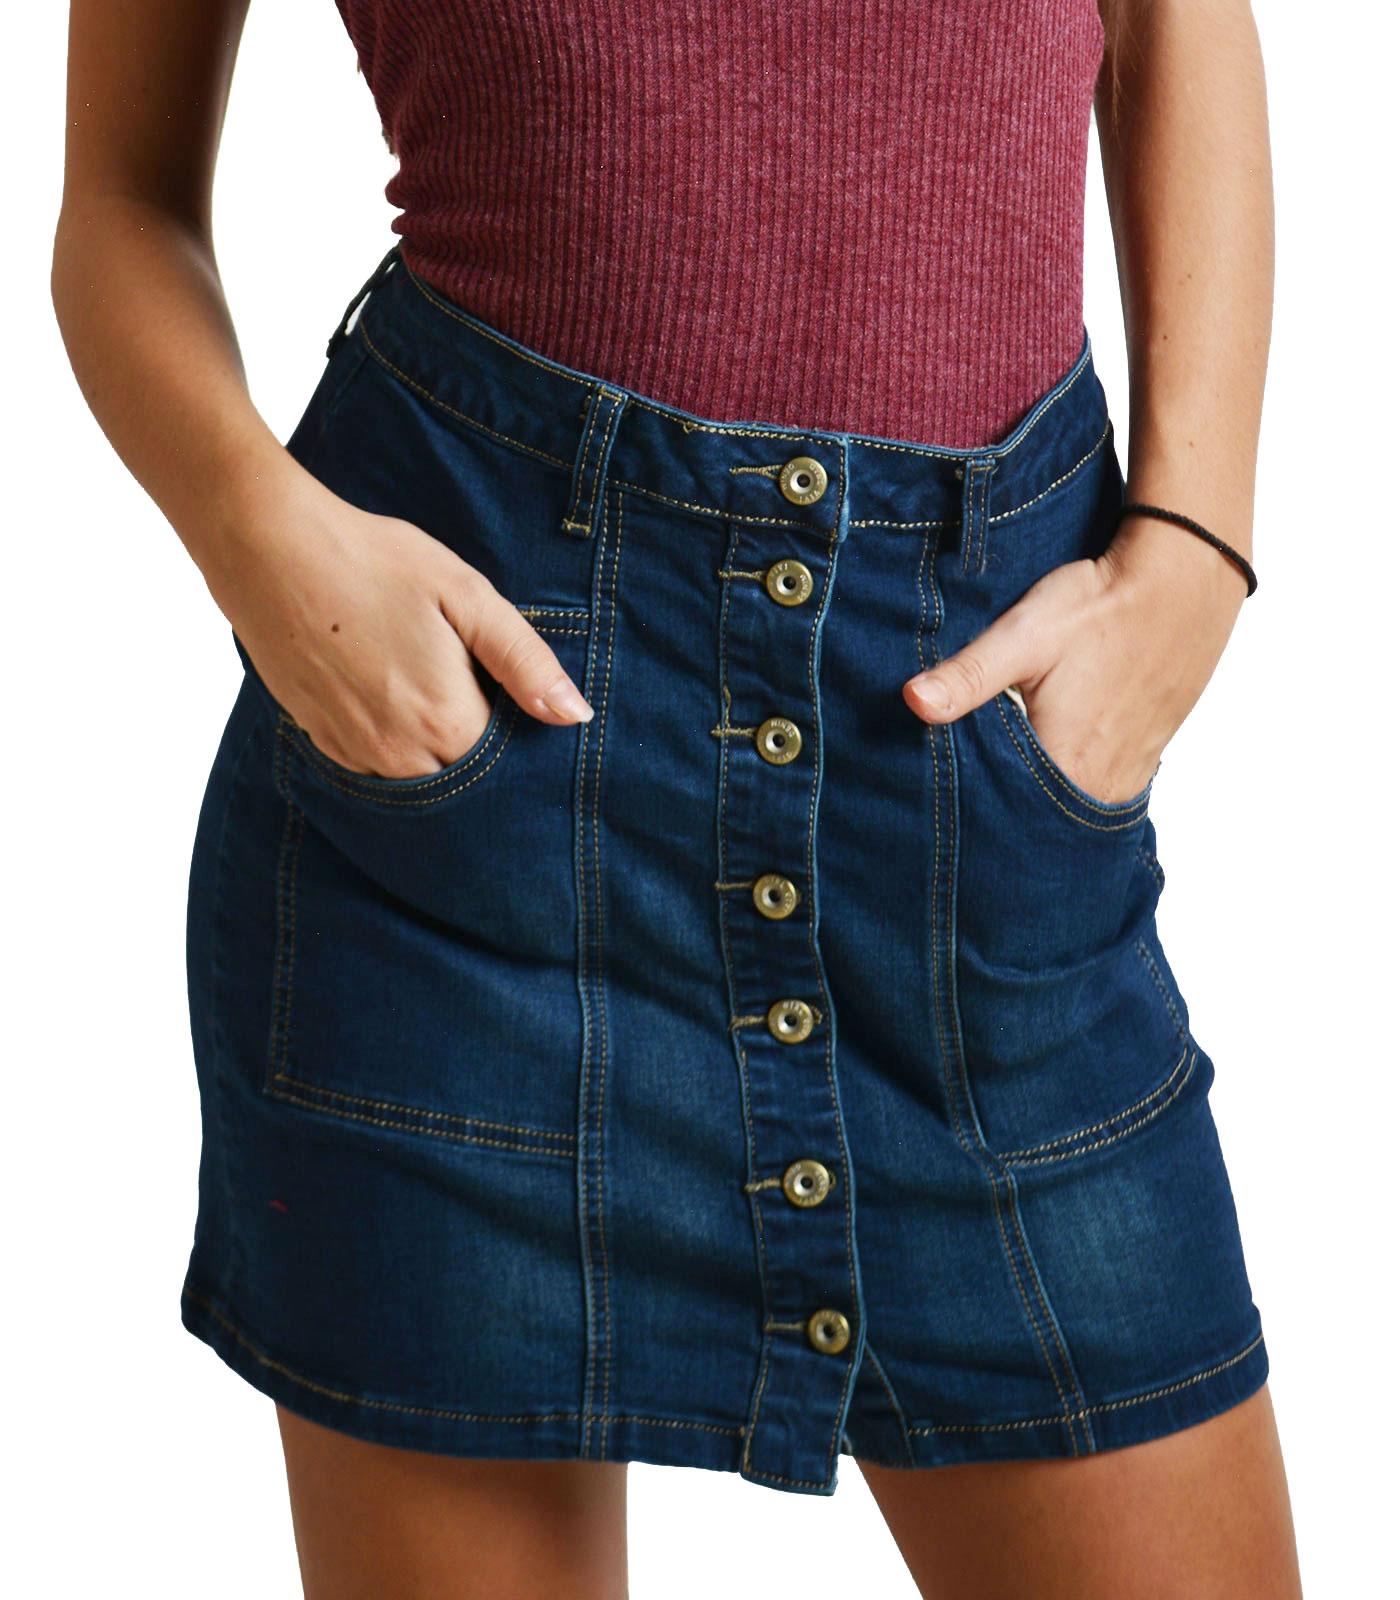 Τζιν φούστα με τσέπες και κουμπιά